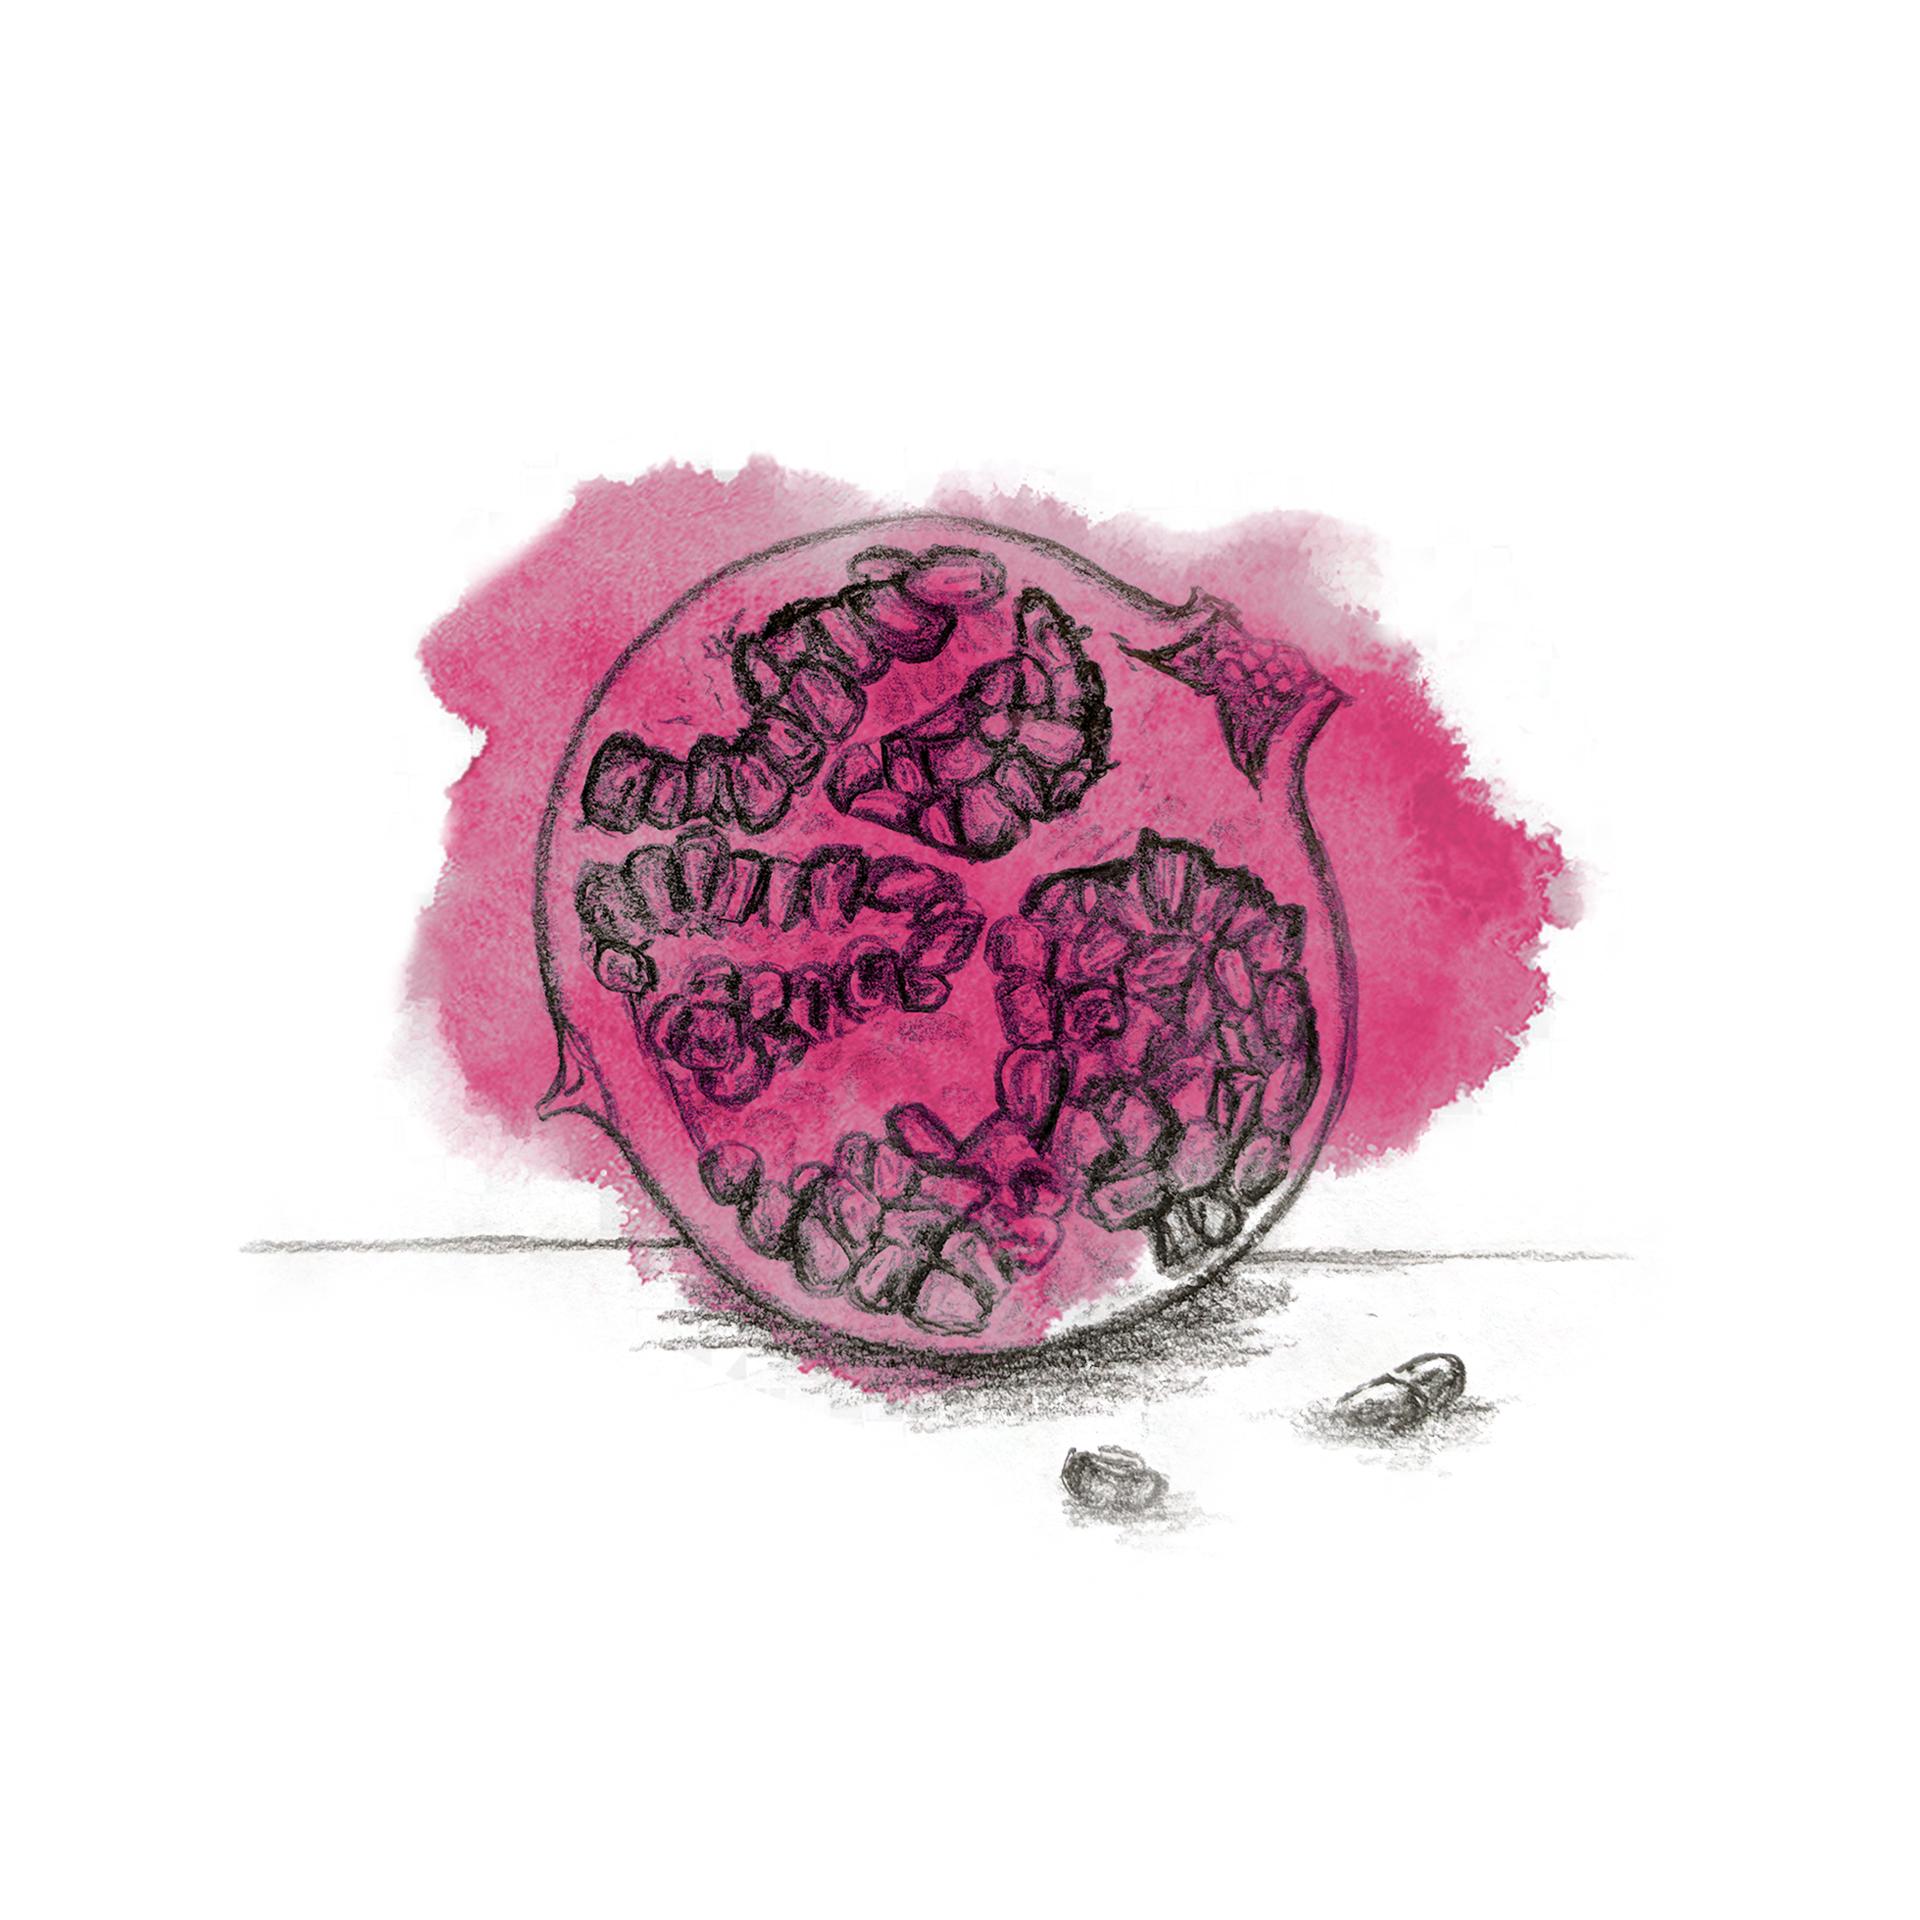 The-Drunken-Butler-Illustrations-Pomegranate.jpg